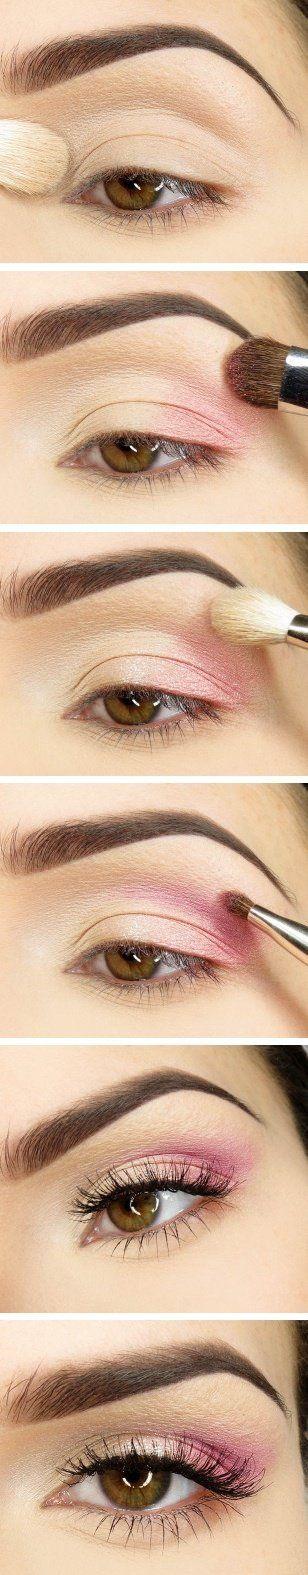 22 hübsche Augen Make-up-Ideen für den Sommer